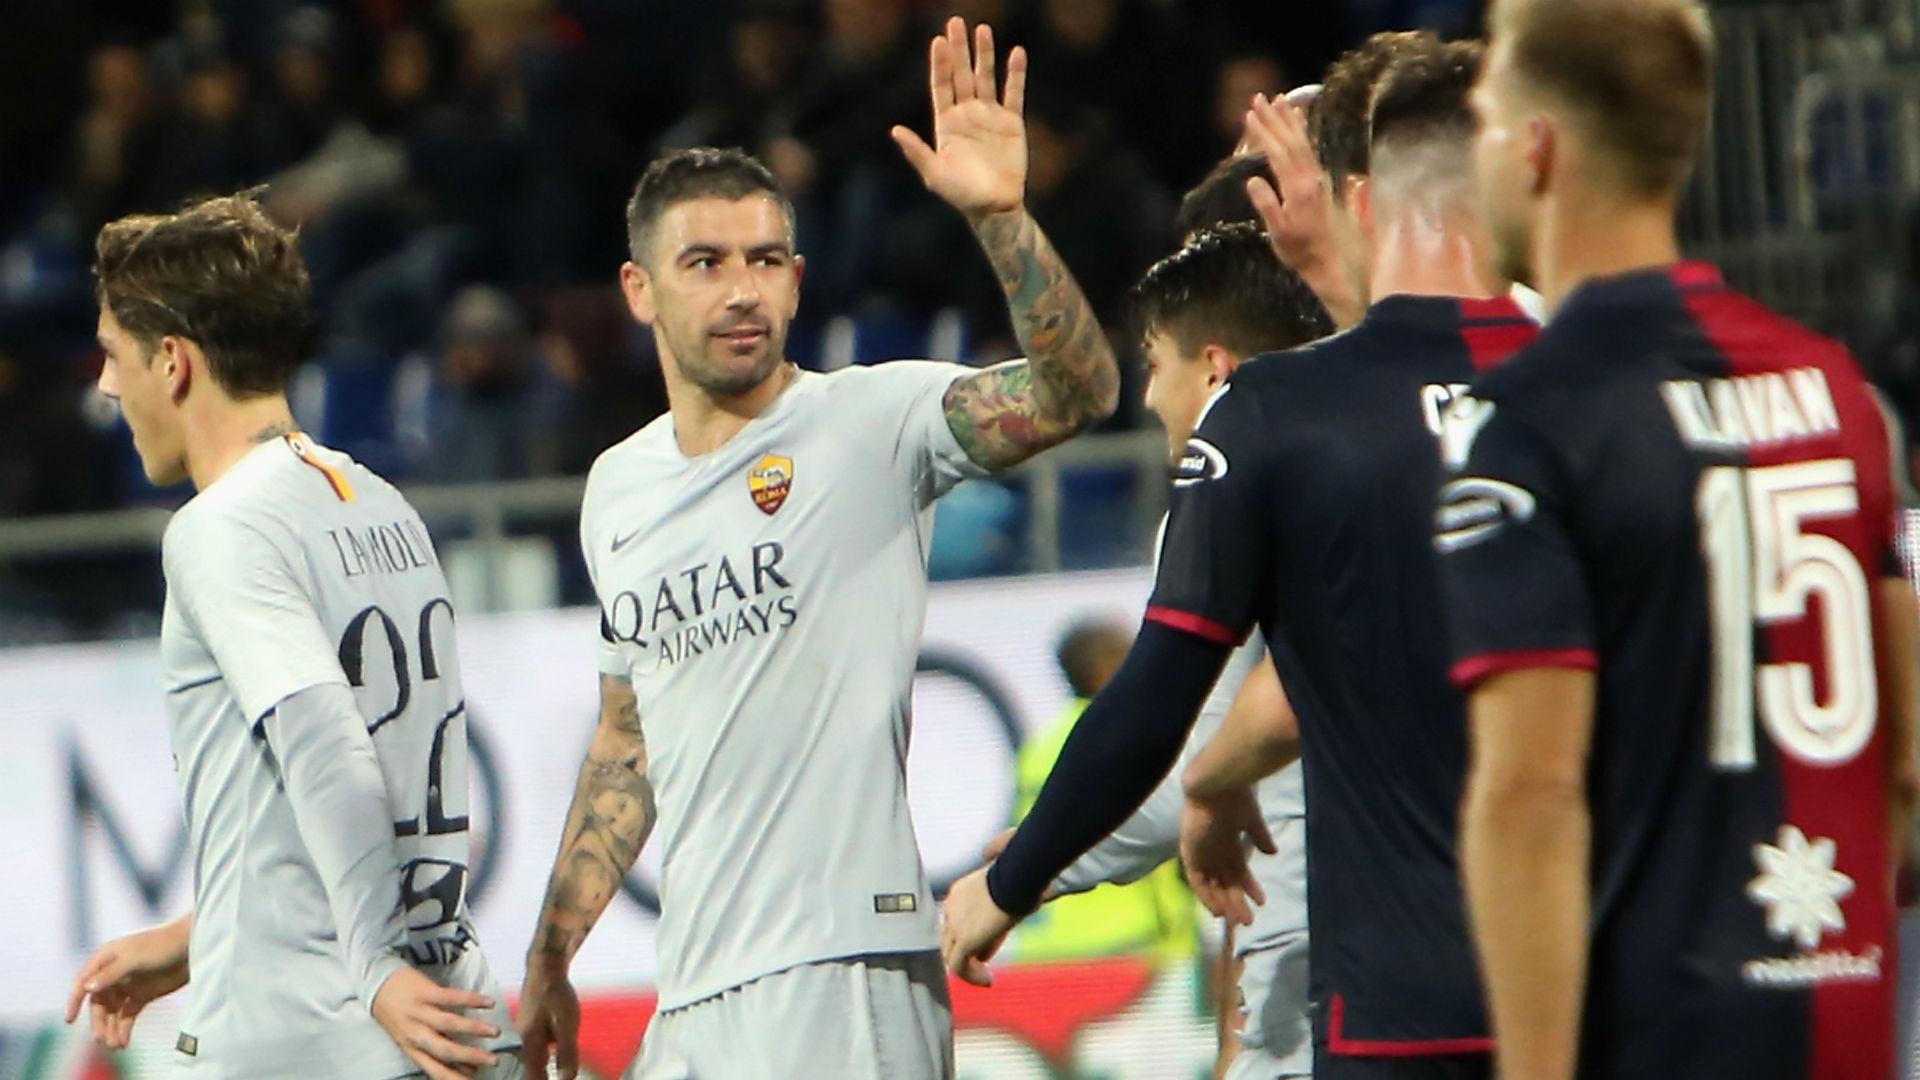 Serie A, Cagliari-Roma 2-2: i giallorossi buttano via altri due punti